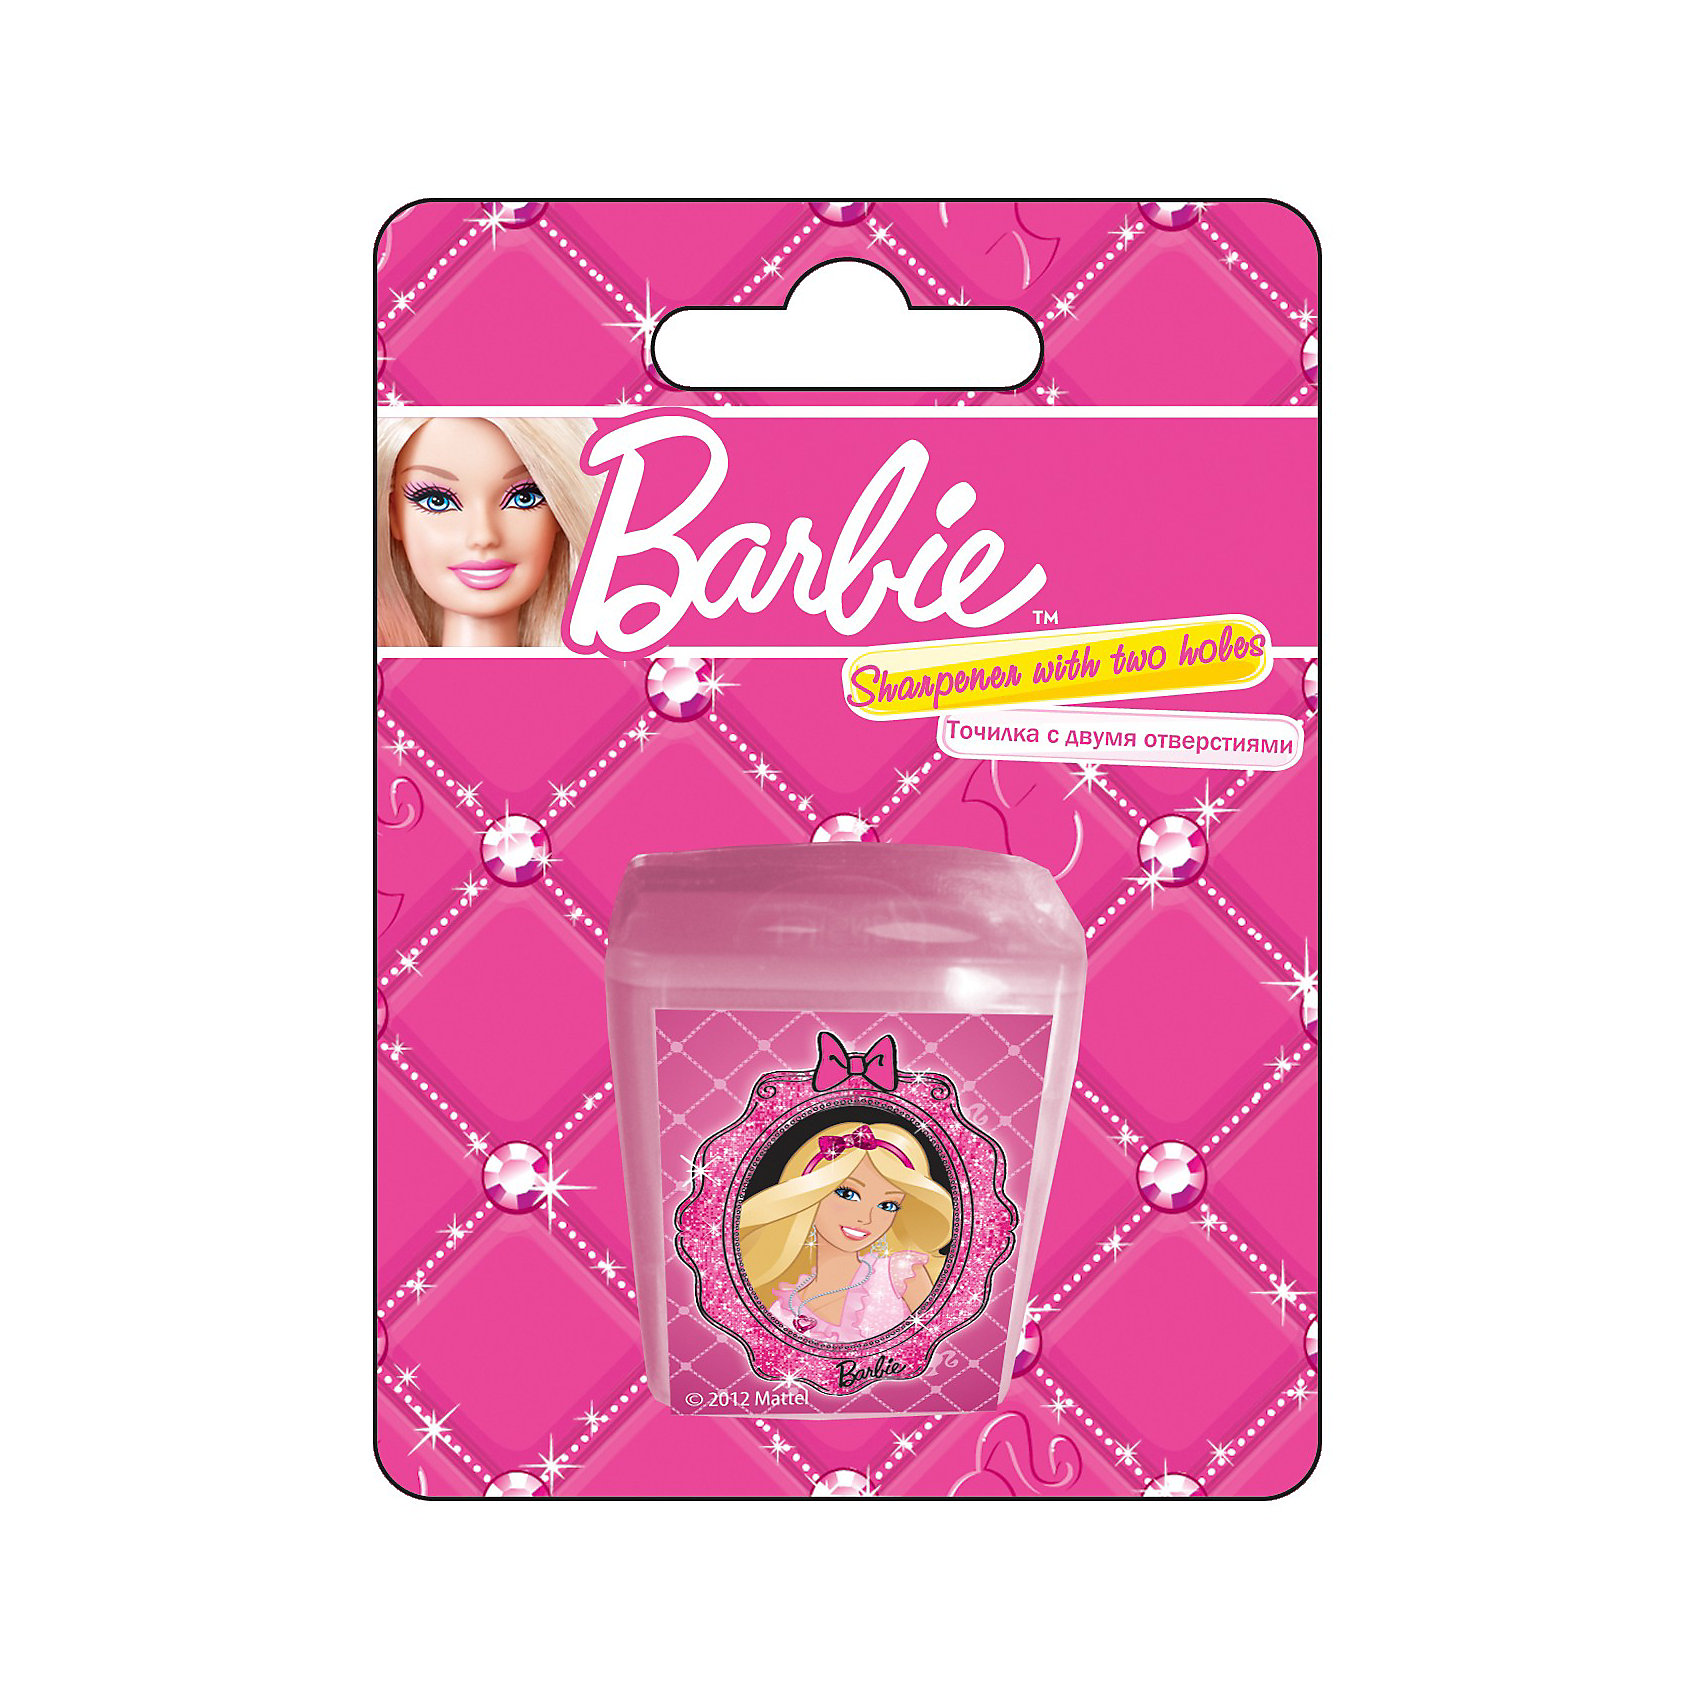 Академия групп Barbie Точилка с двумя отверстиями академия групп канцелярский набор точилка ластик barbie